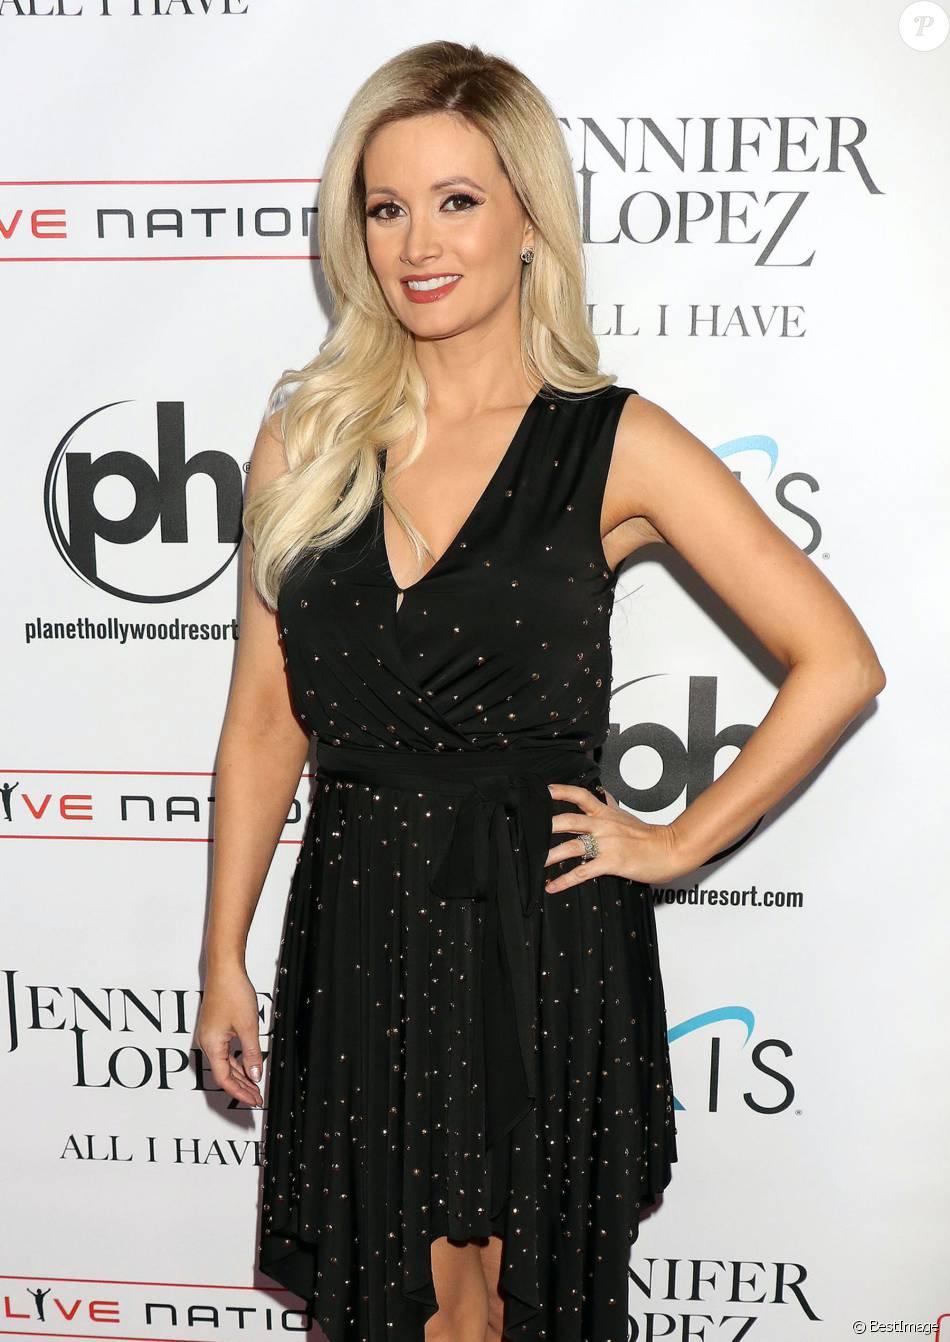 Holly Madison à la première représentation de All I Have, le nouveau show de Jennifer Lopez, au Planet Hollywood Resort & Casino à Las Vegas, le 20 janvier 2016.